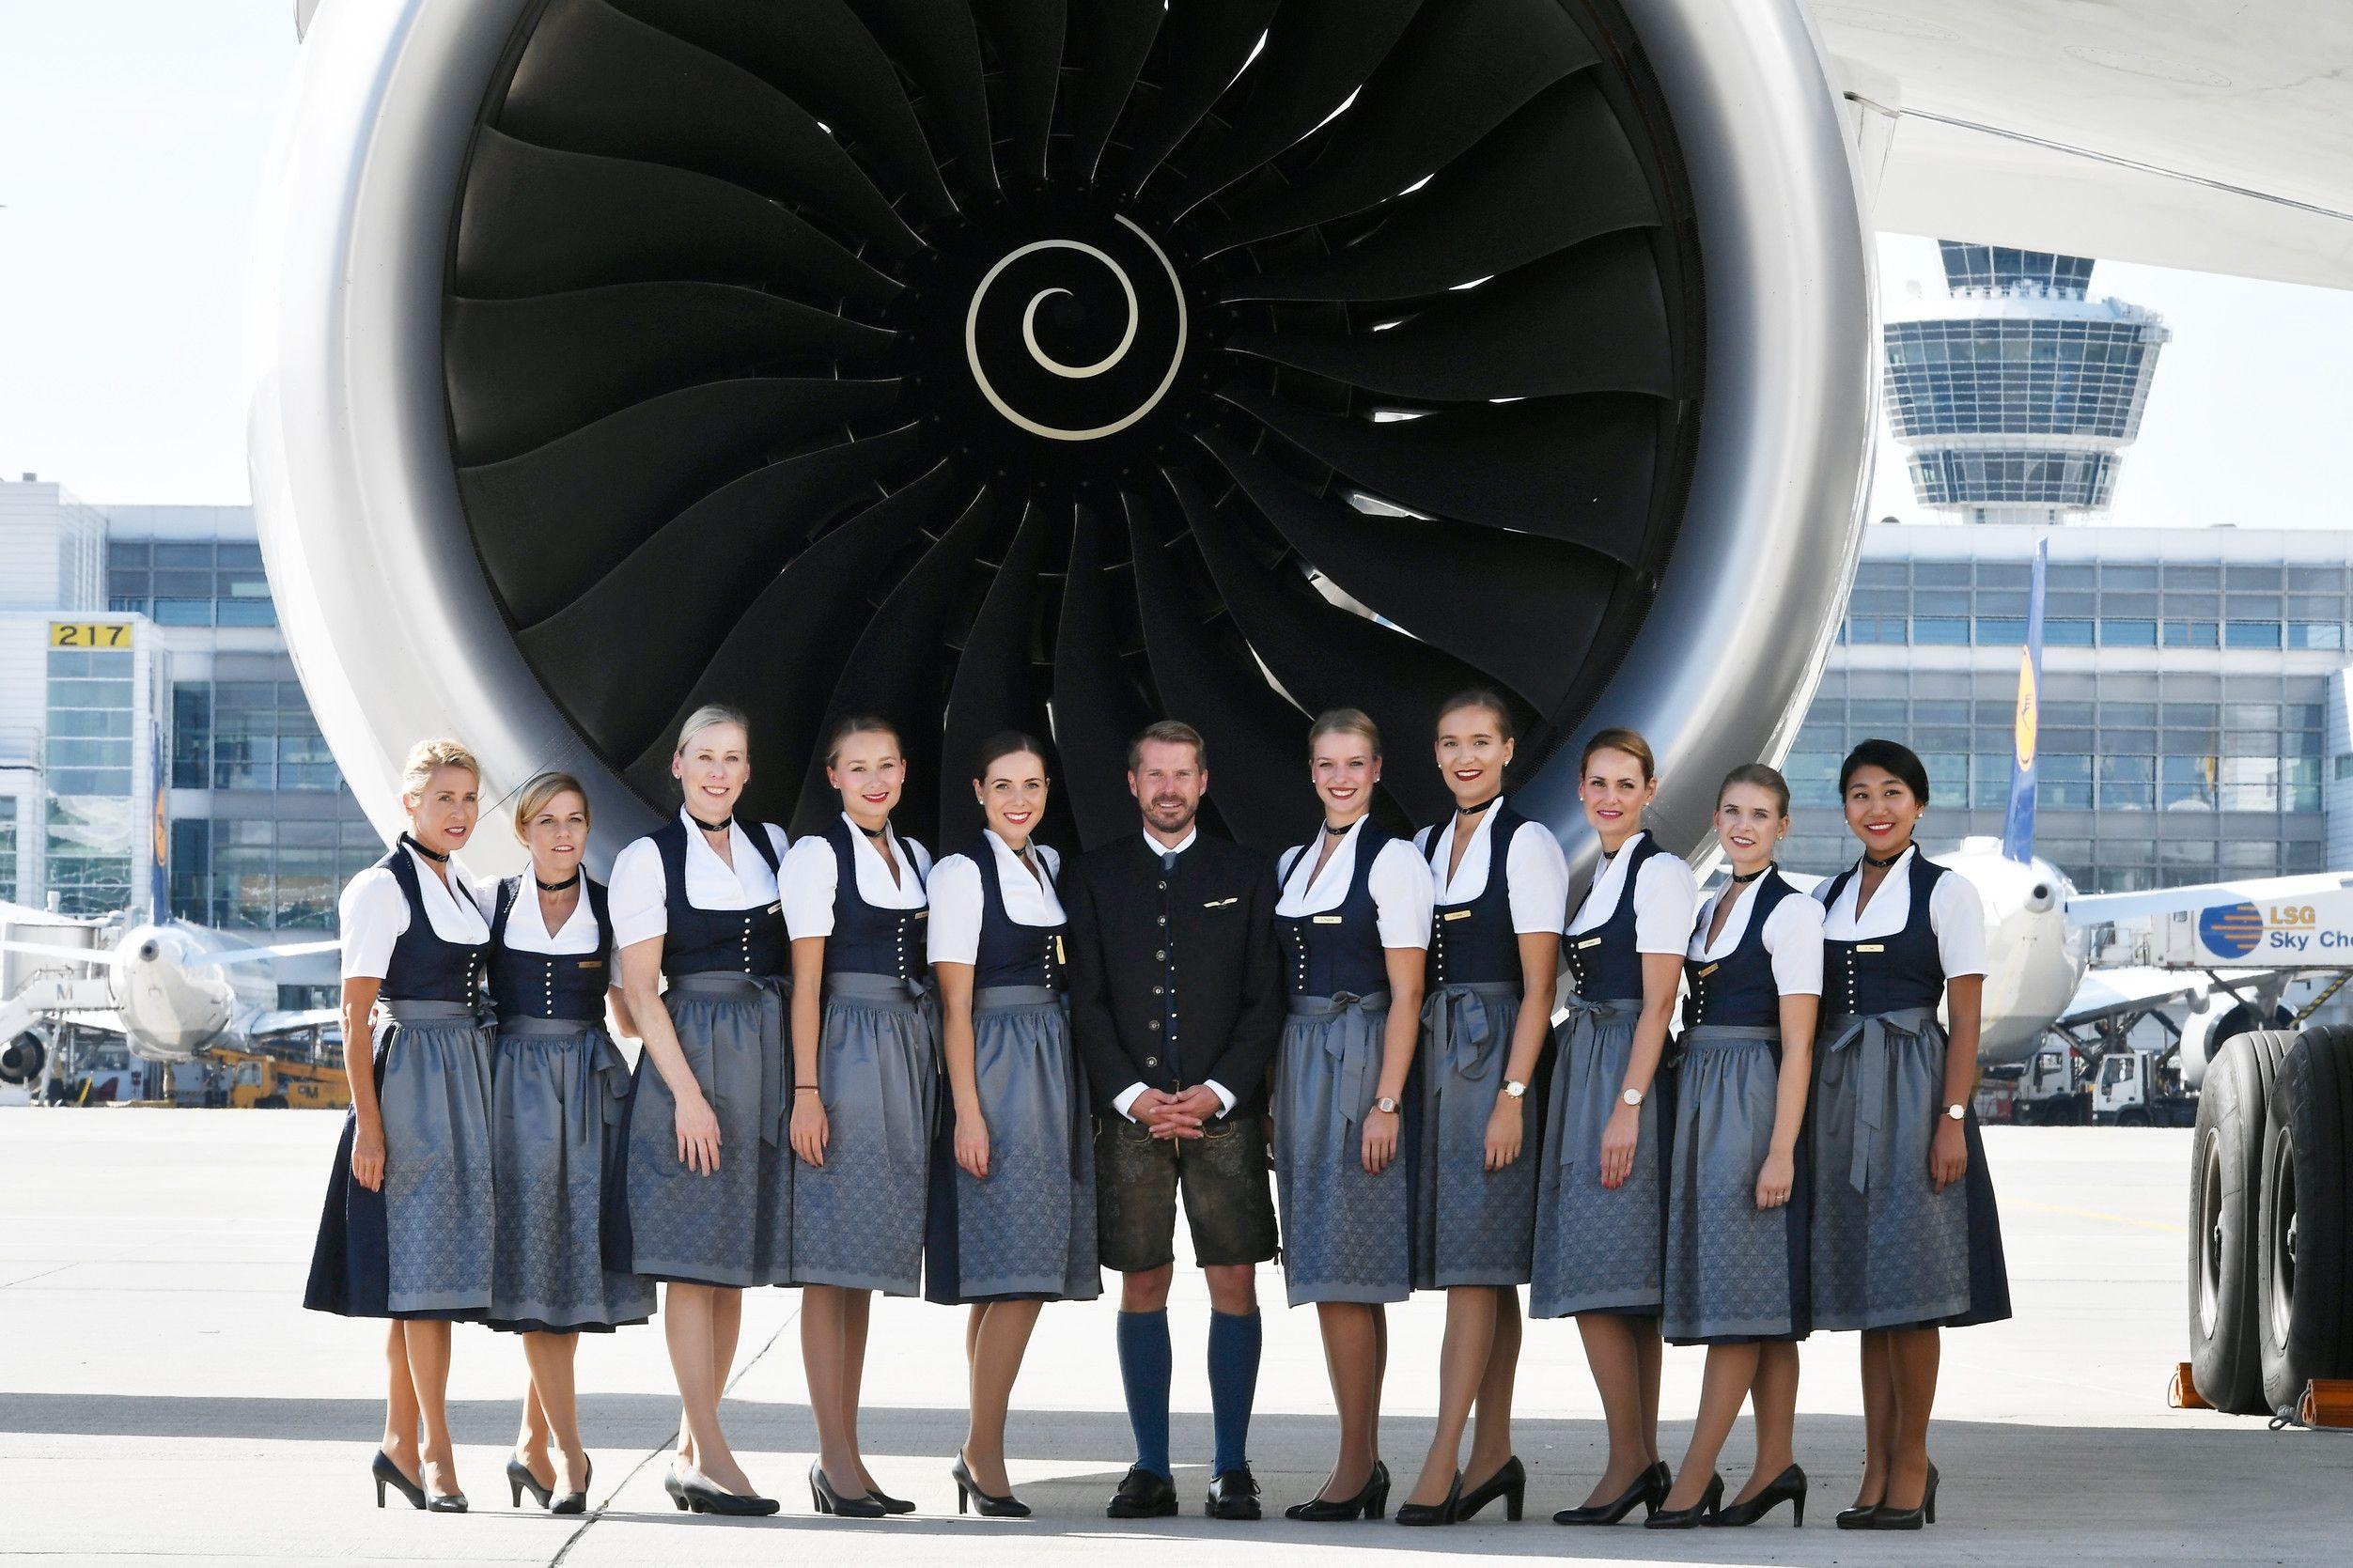 共慶全球最大啤酒節:身著慕尼黑傳統服飾的機組現身漢莎航班